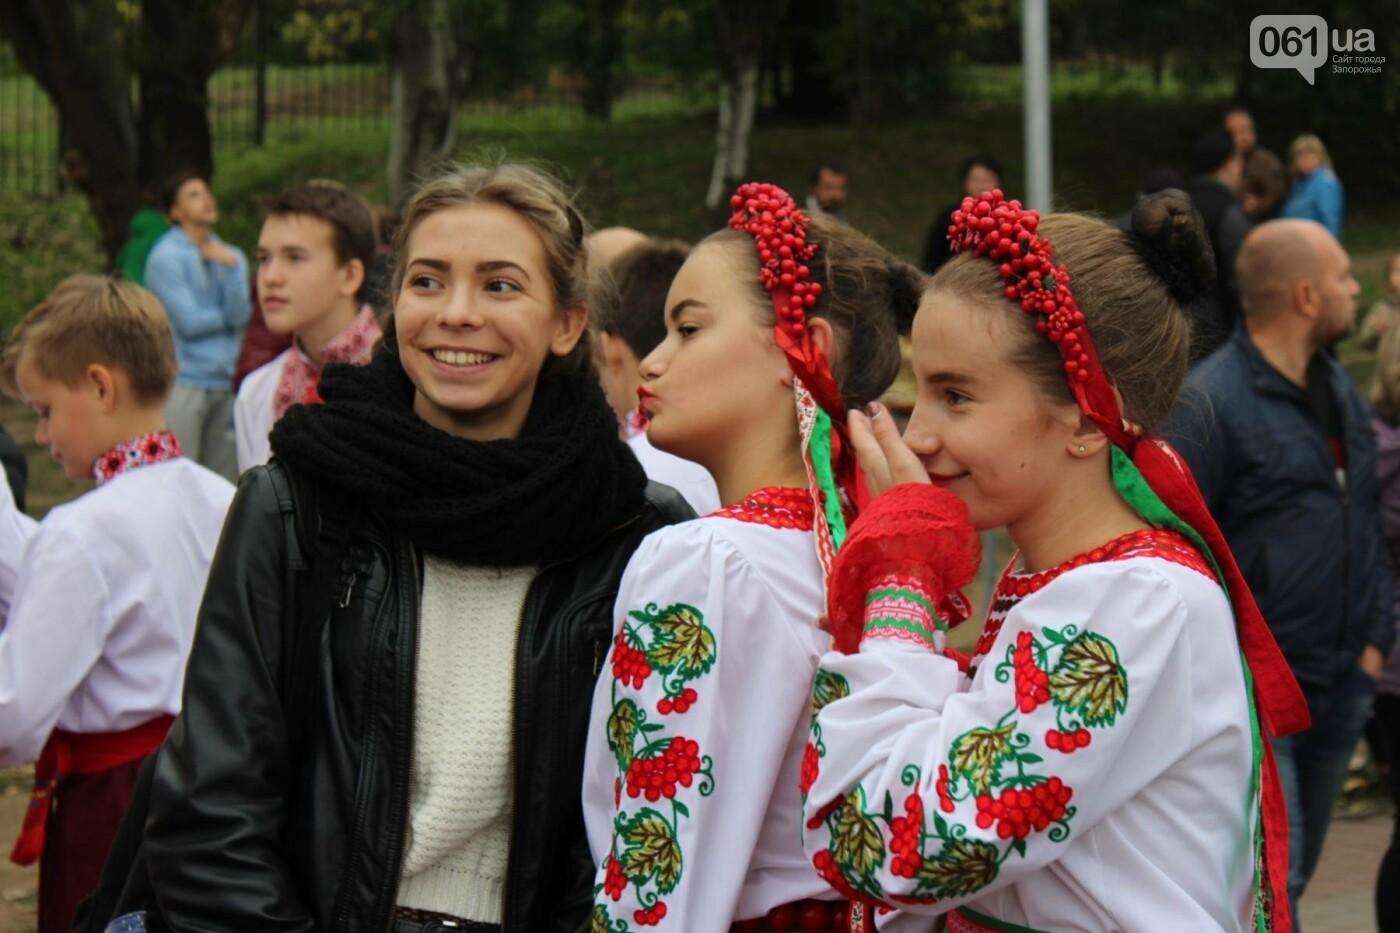 Найди себя: 55 портретов посетителей Покровской ярмарки в Запорожье, - ФОТО , фото-27